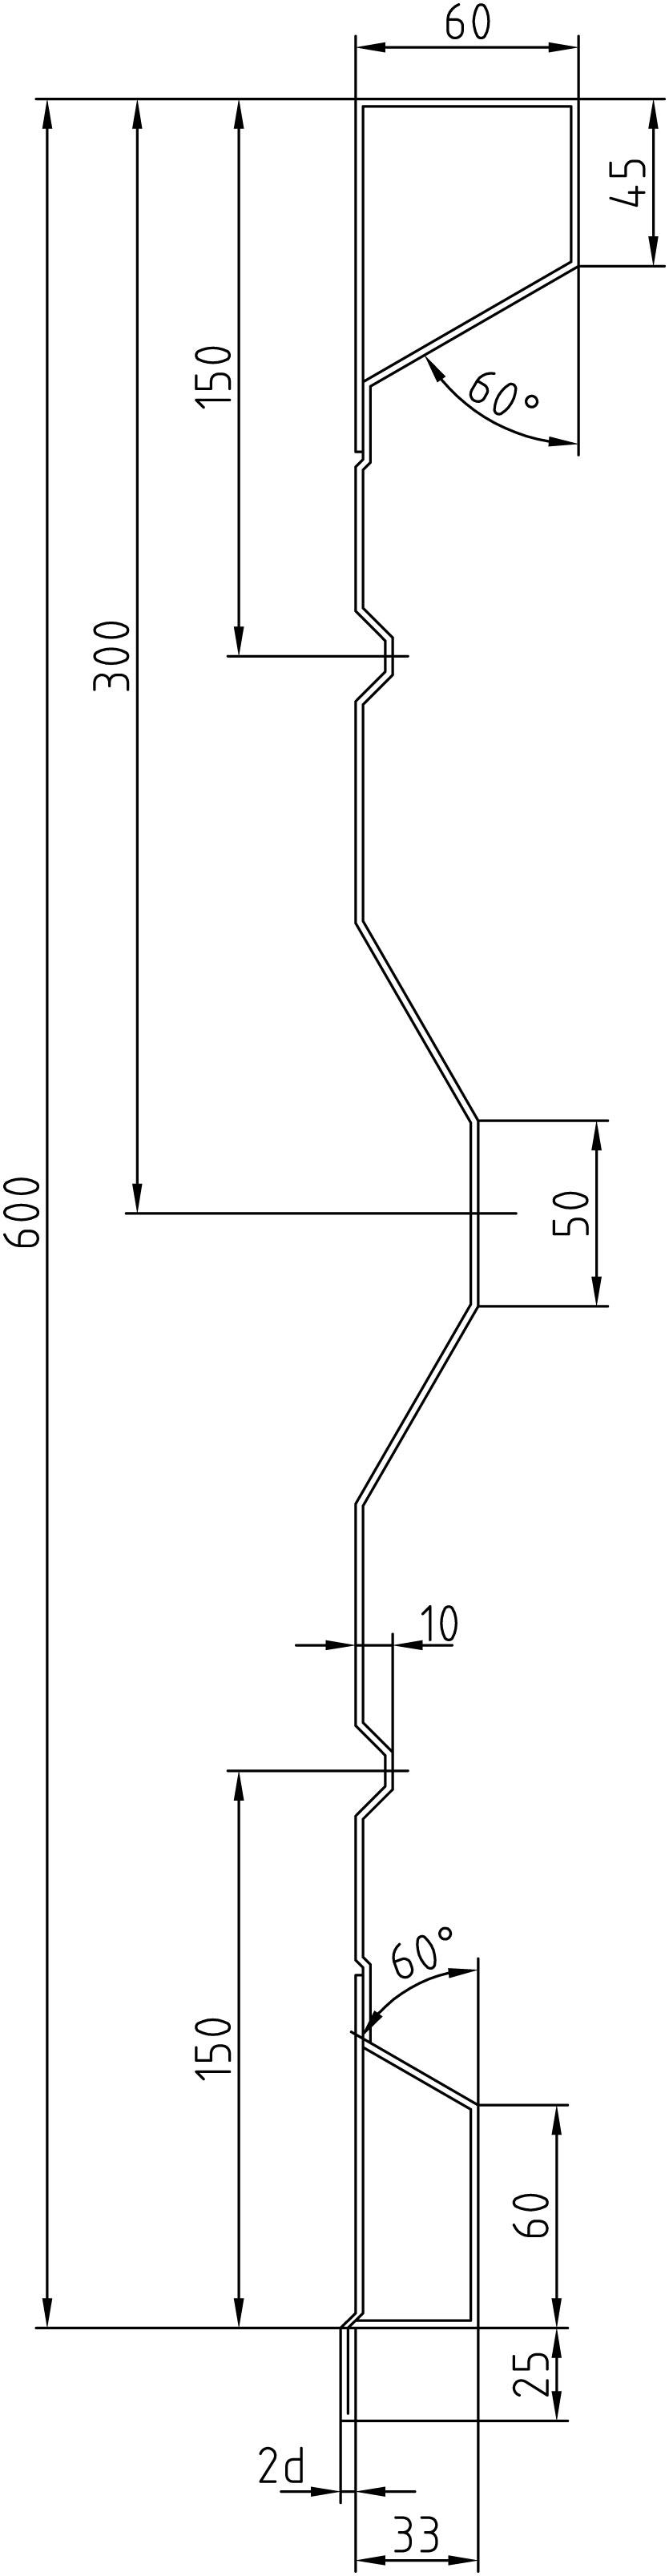 Brantner Kipper und Anhänger - 600x2x4920 AW samt EL ohne PW- Bolzen links